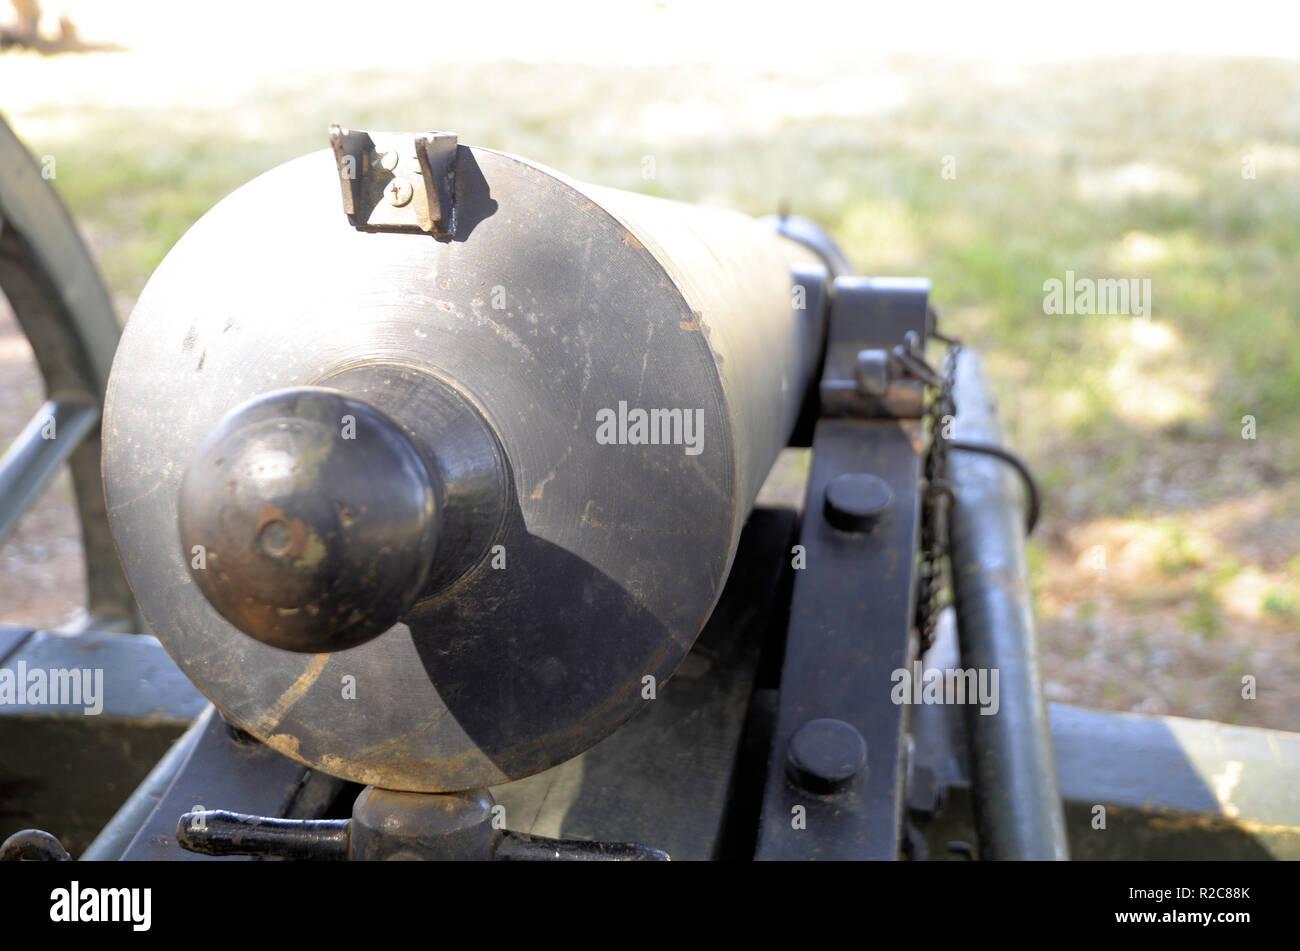 Dettaglio di un epoca della guerra civile  cannone artiglieria utilizzato  in una guerra civile la 4df3bf877187